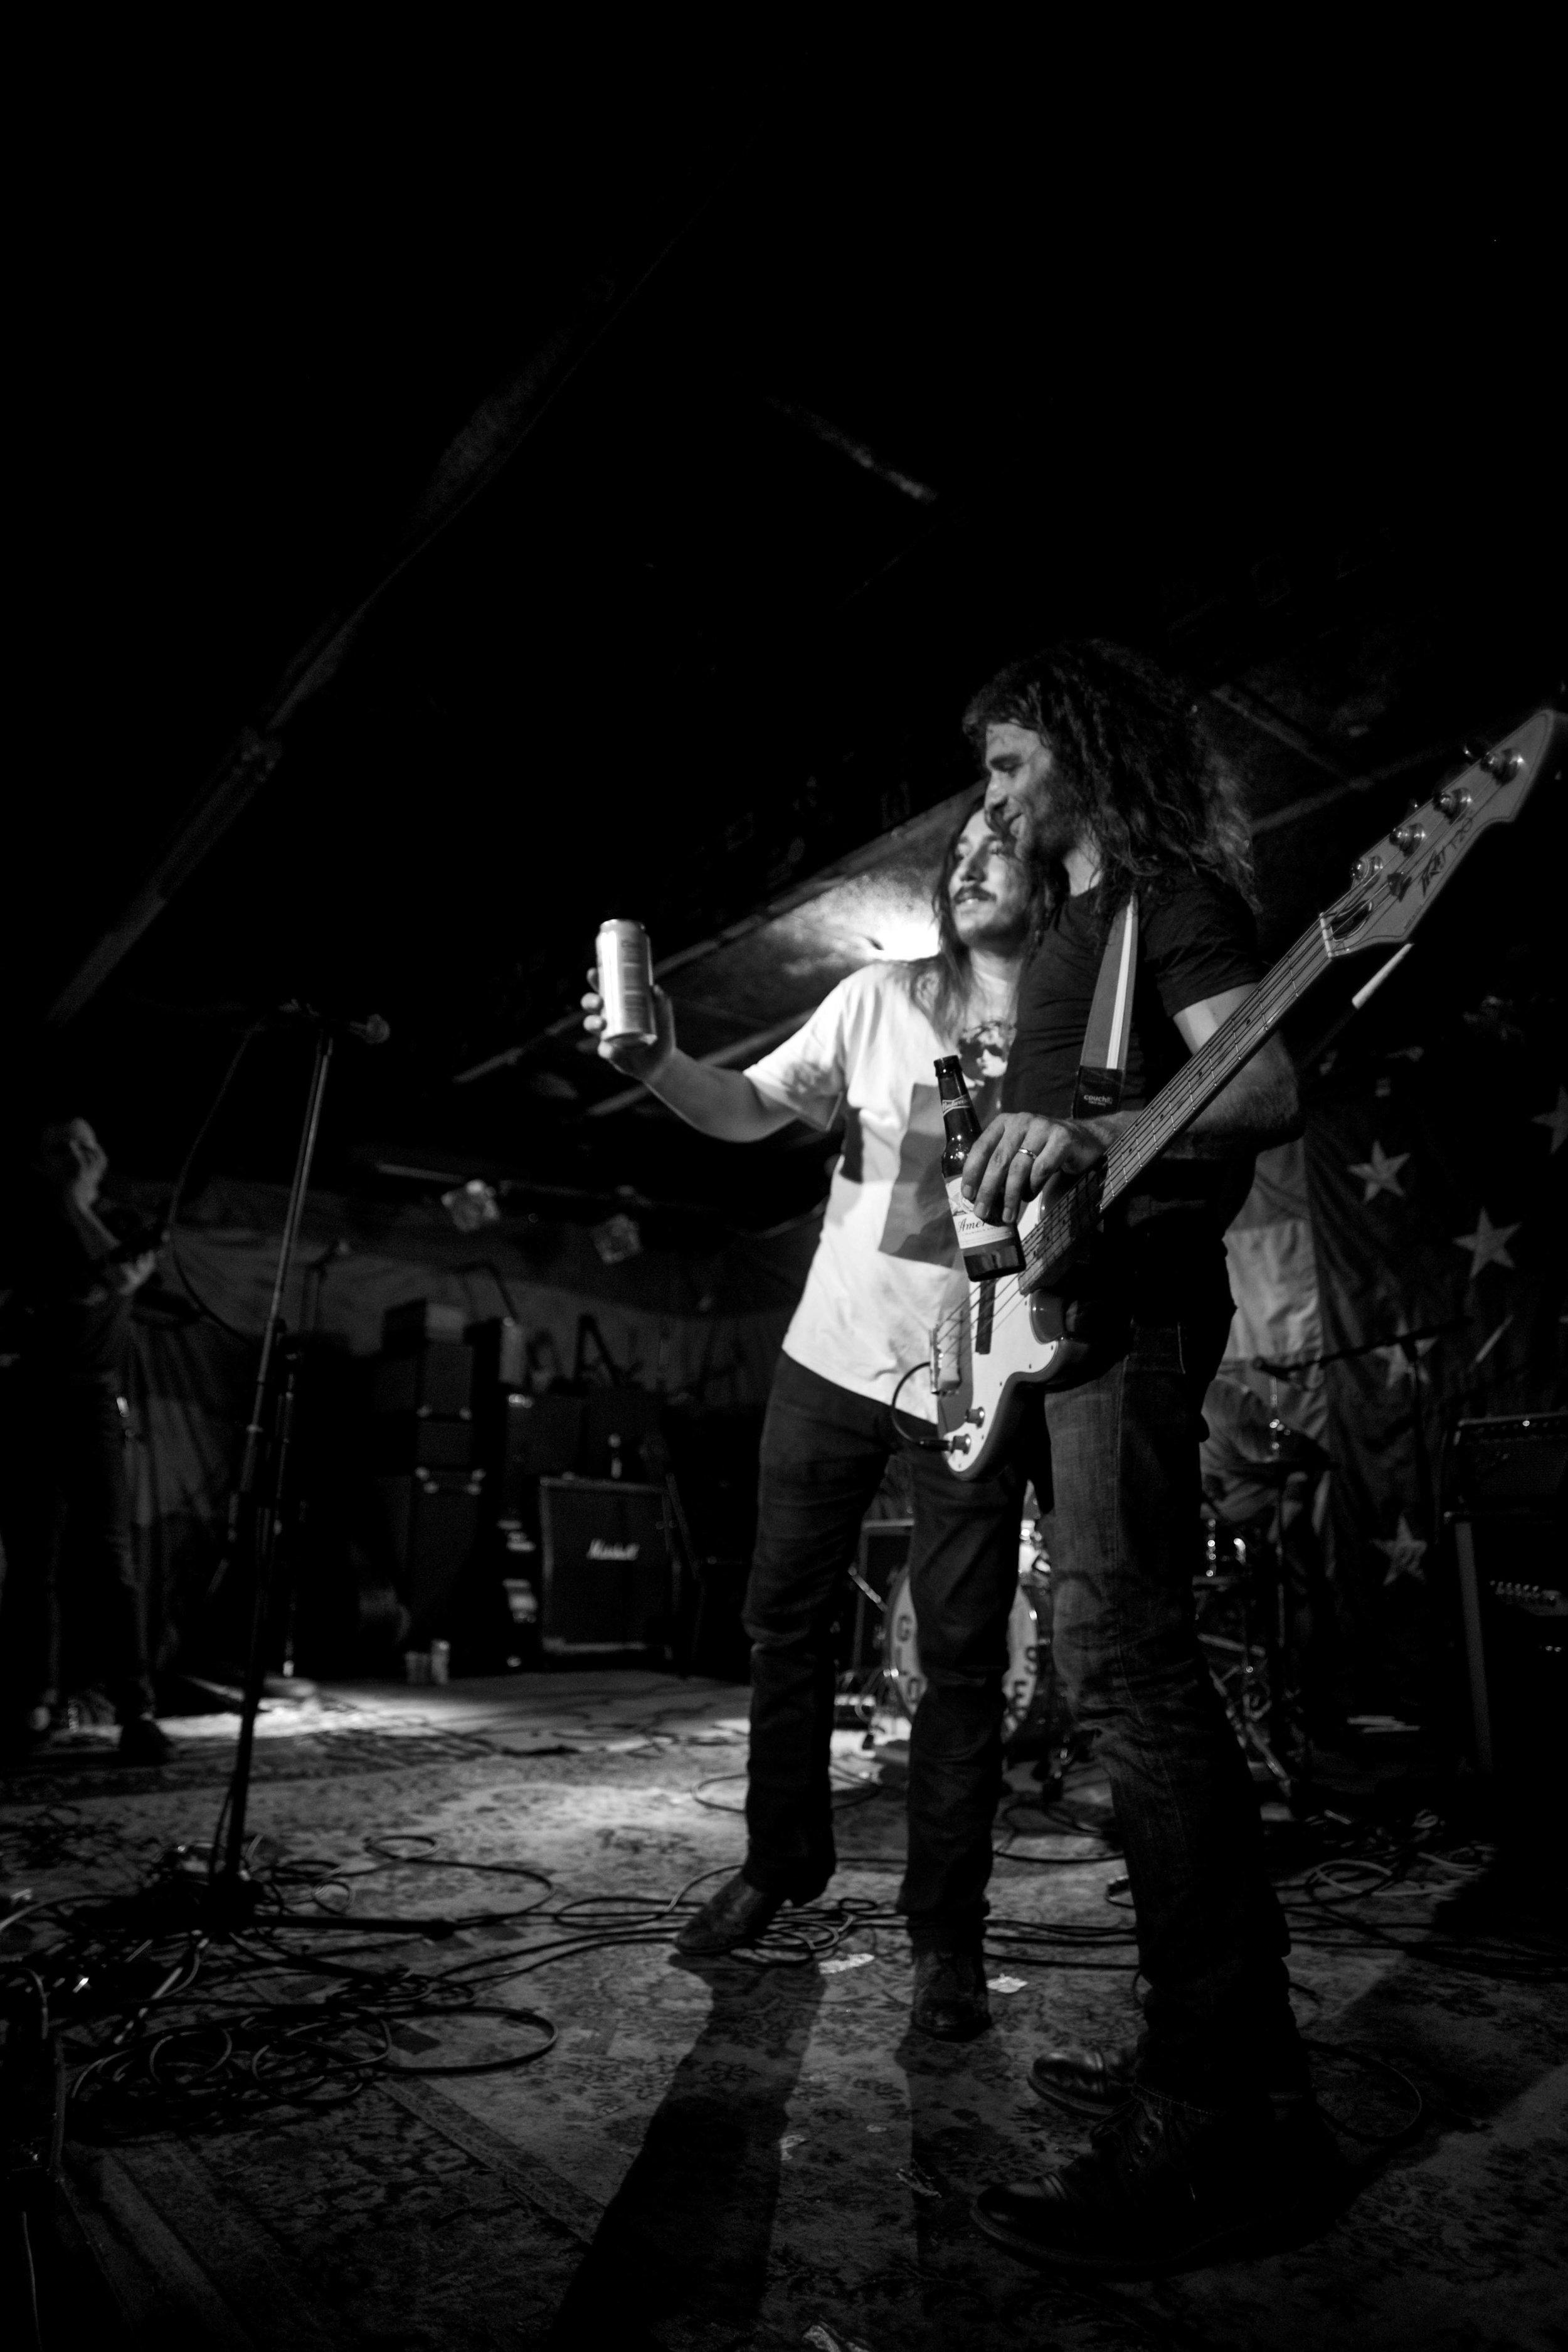 Ronnie Fest. The Nick. Birmingham, AL. 2016.